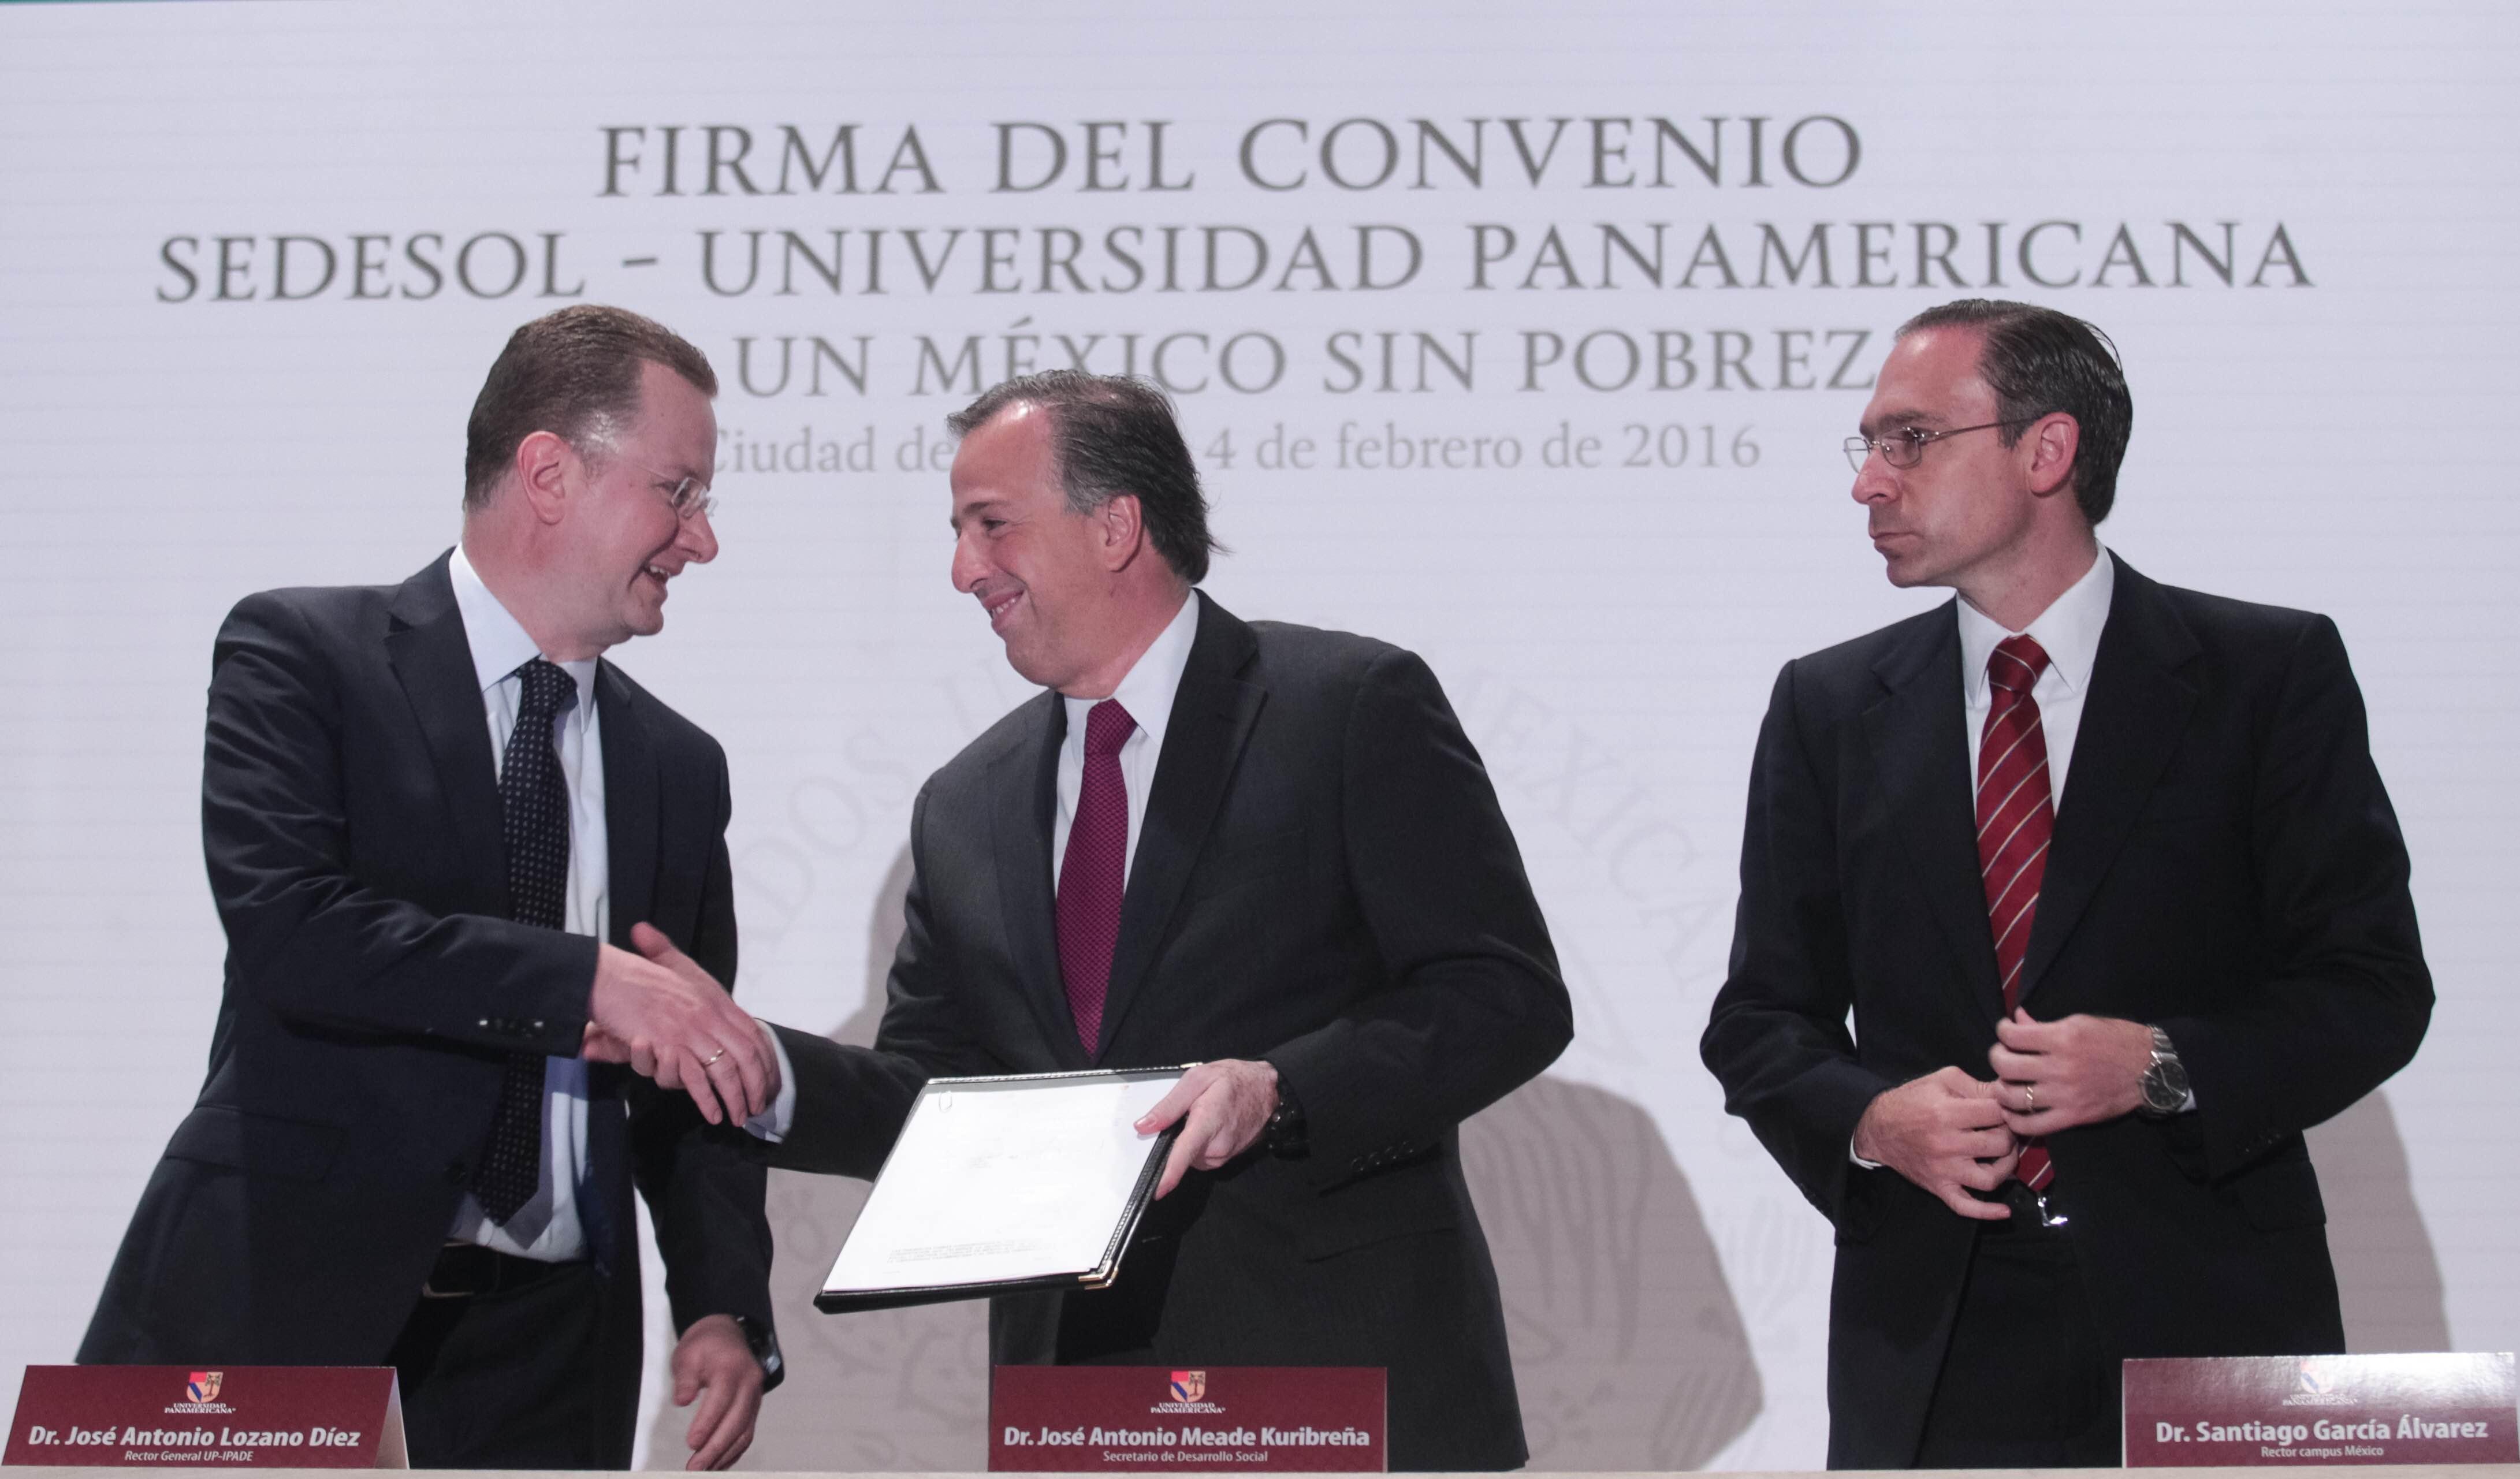 #AlianzaSedesol - Universidad Panamericana